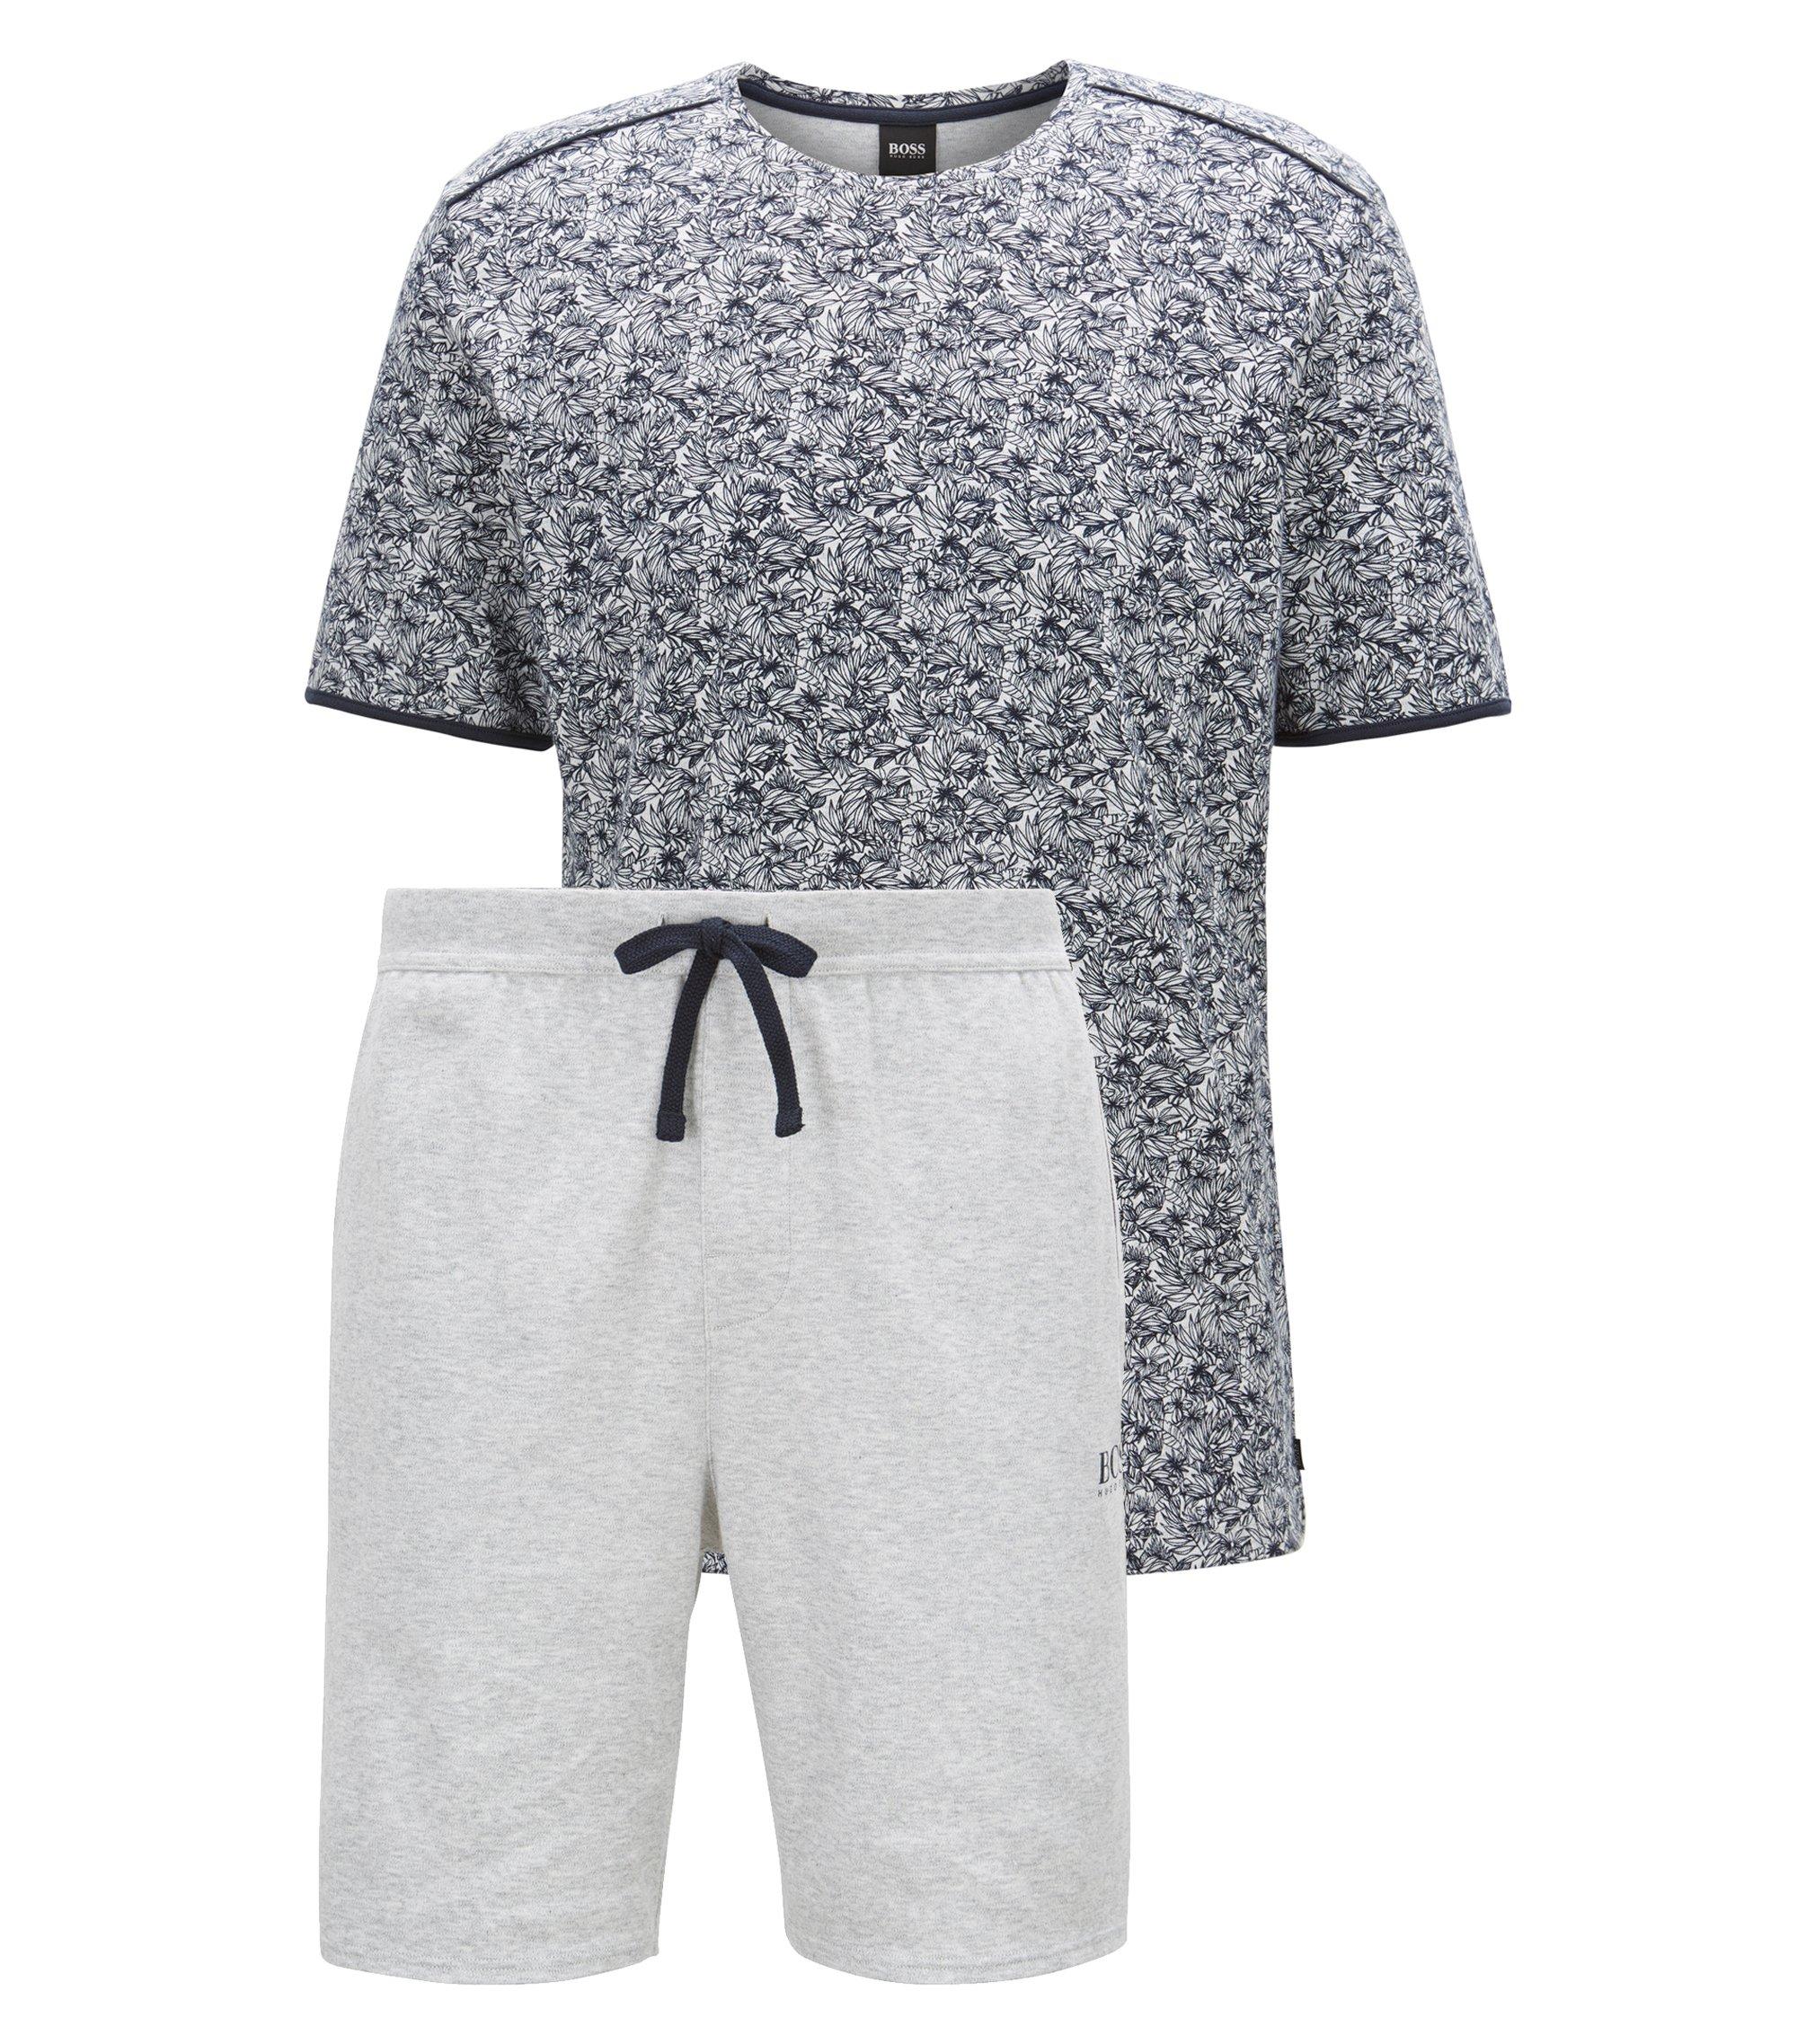 Conjunto de pijama de estampado de flores en algodón interlock, Azul oscuro